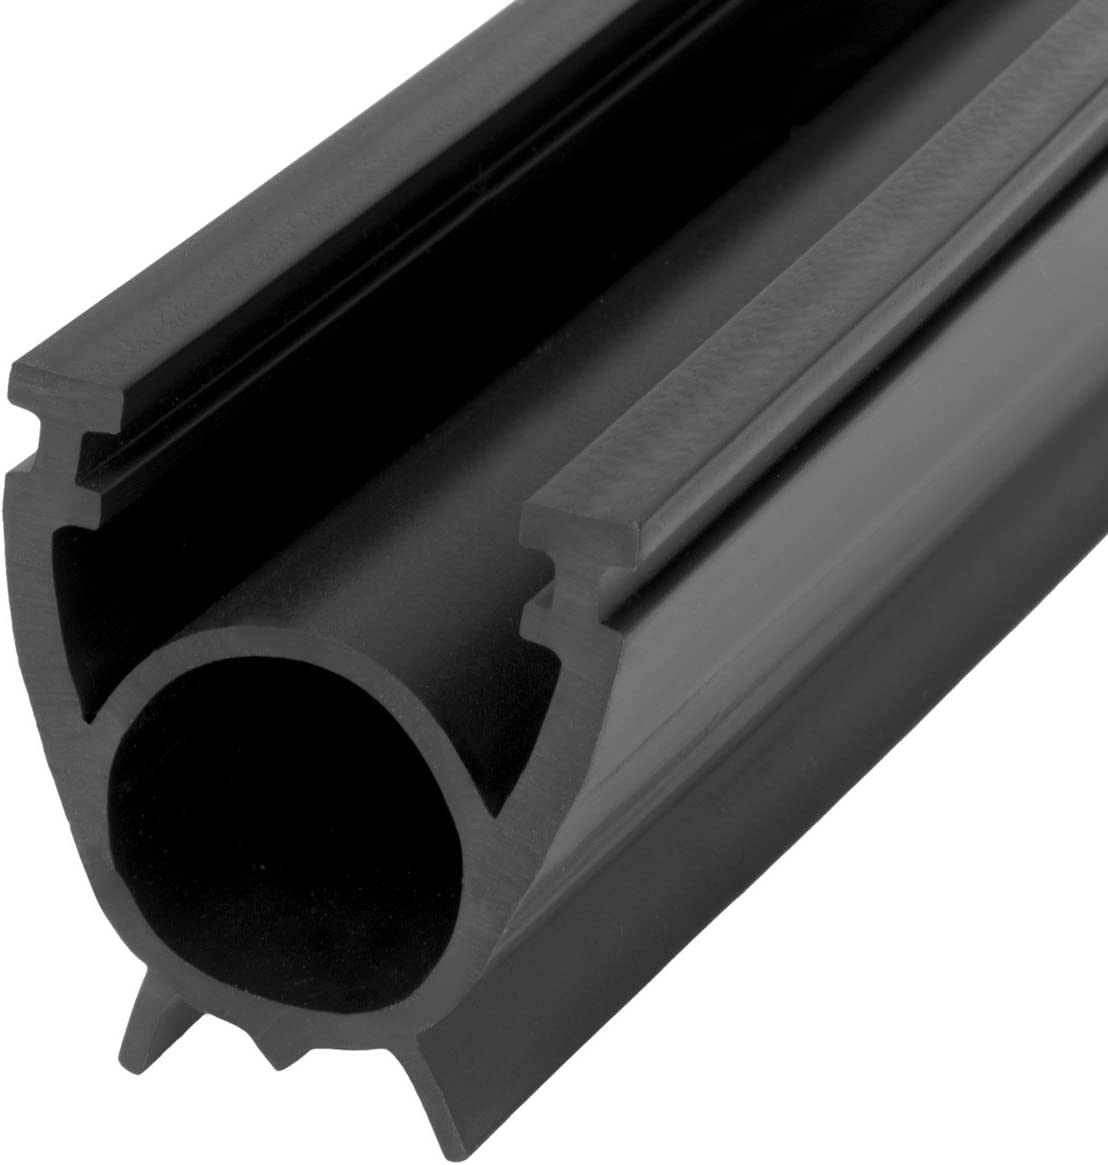 STEIGNER Junta para la Puerta de Garaje SBD01 Negra PVC 33x41 mm, 3 m